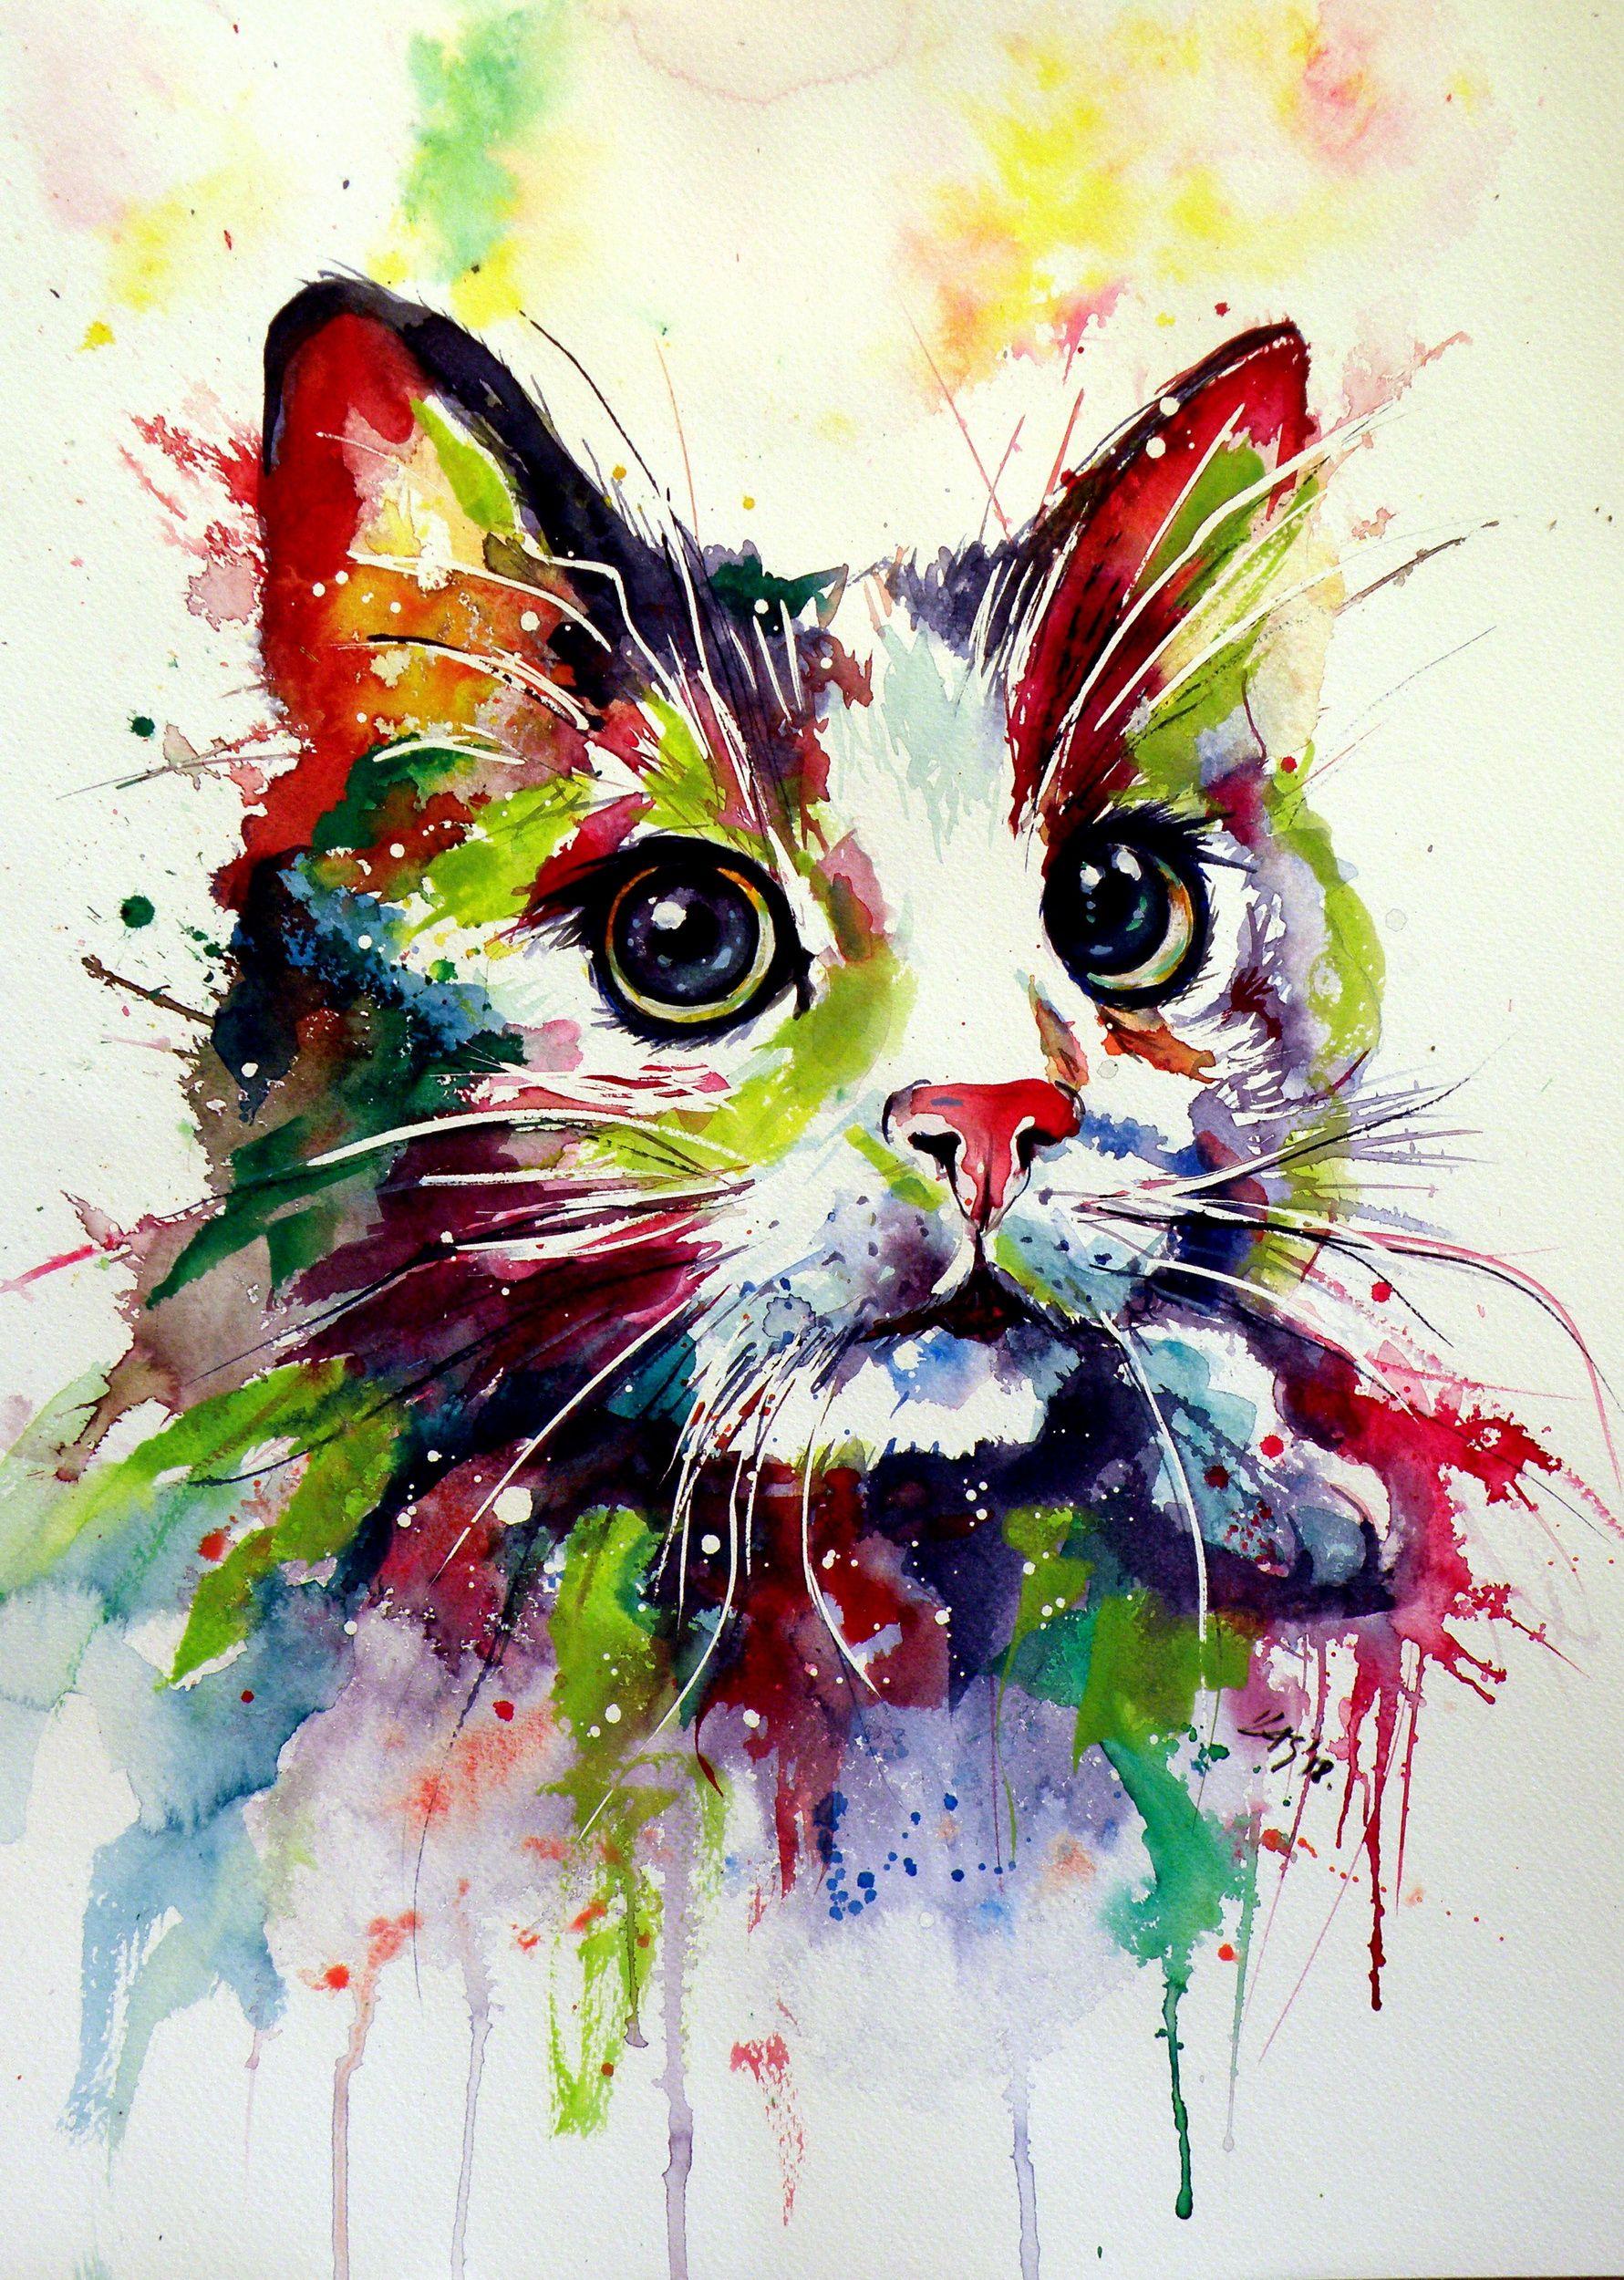 Colorful Cat Animal Paintings Cat Art Watercolor Cat